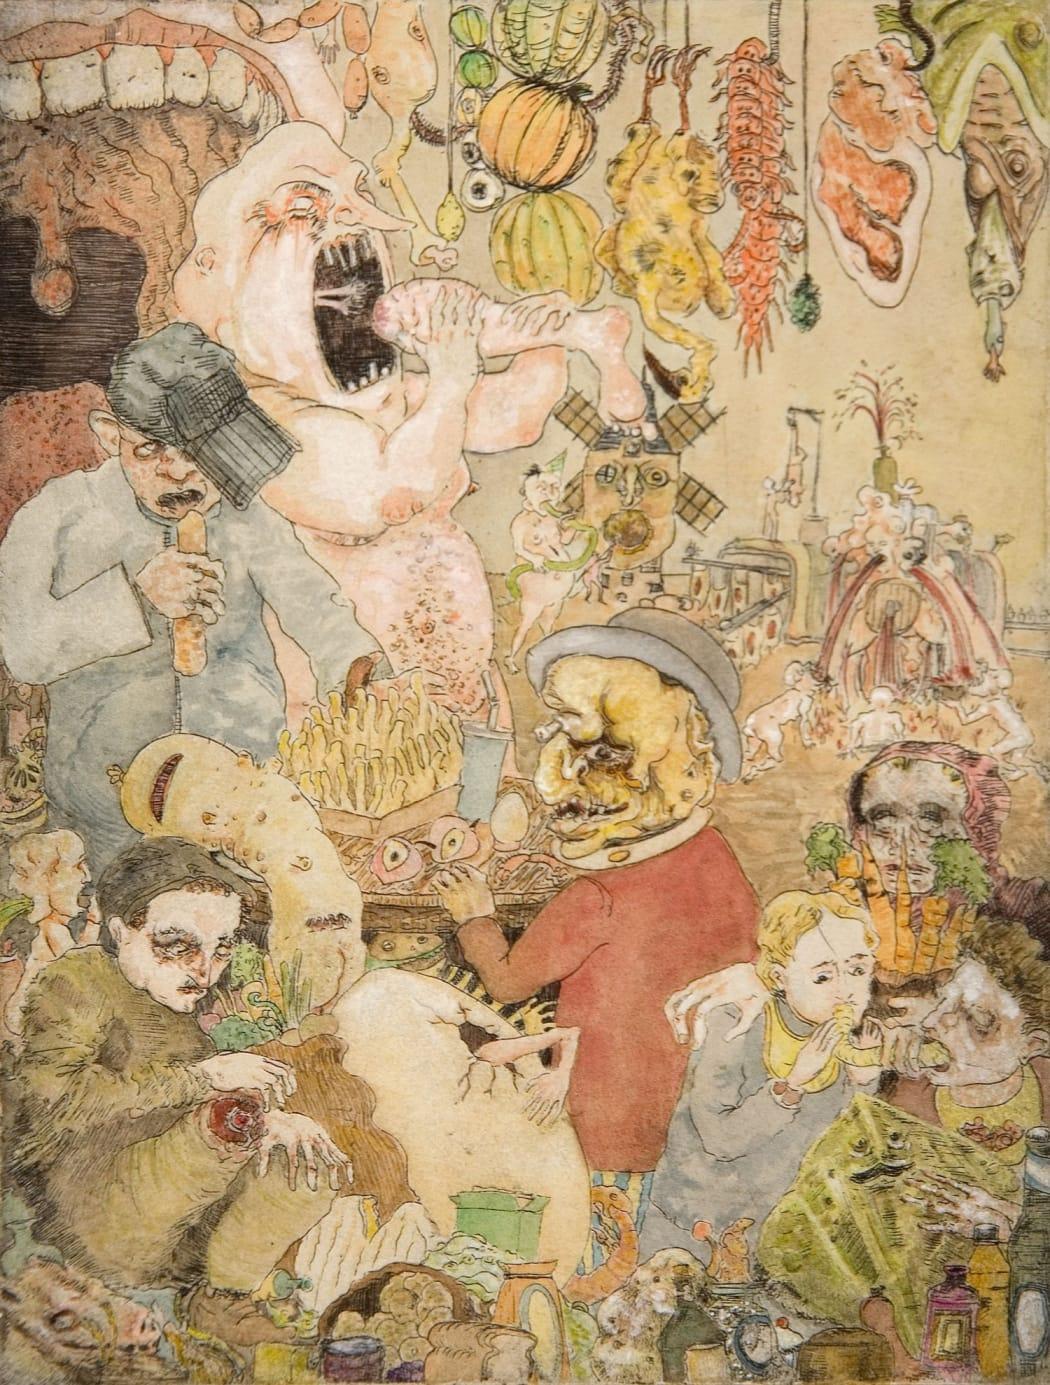 The Gourmet's Feast